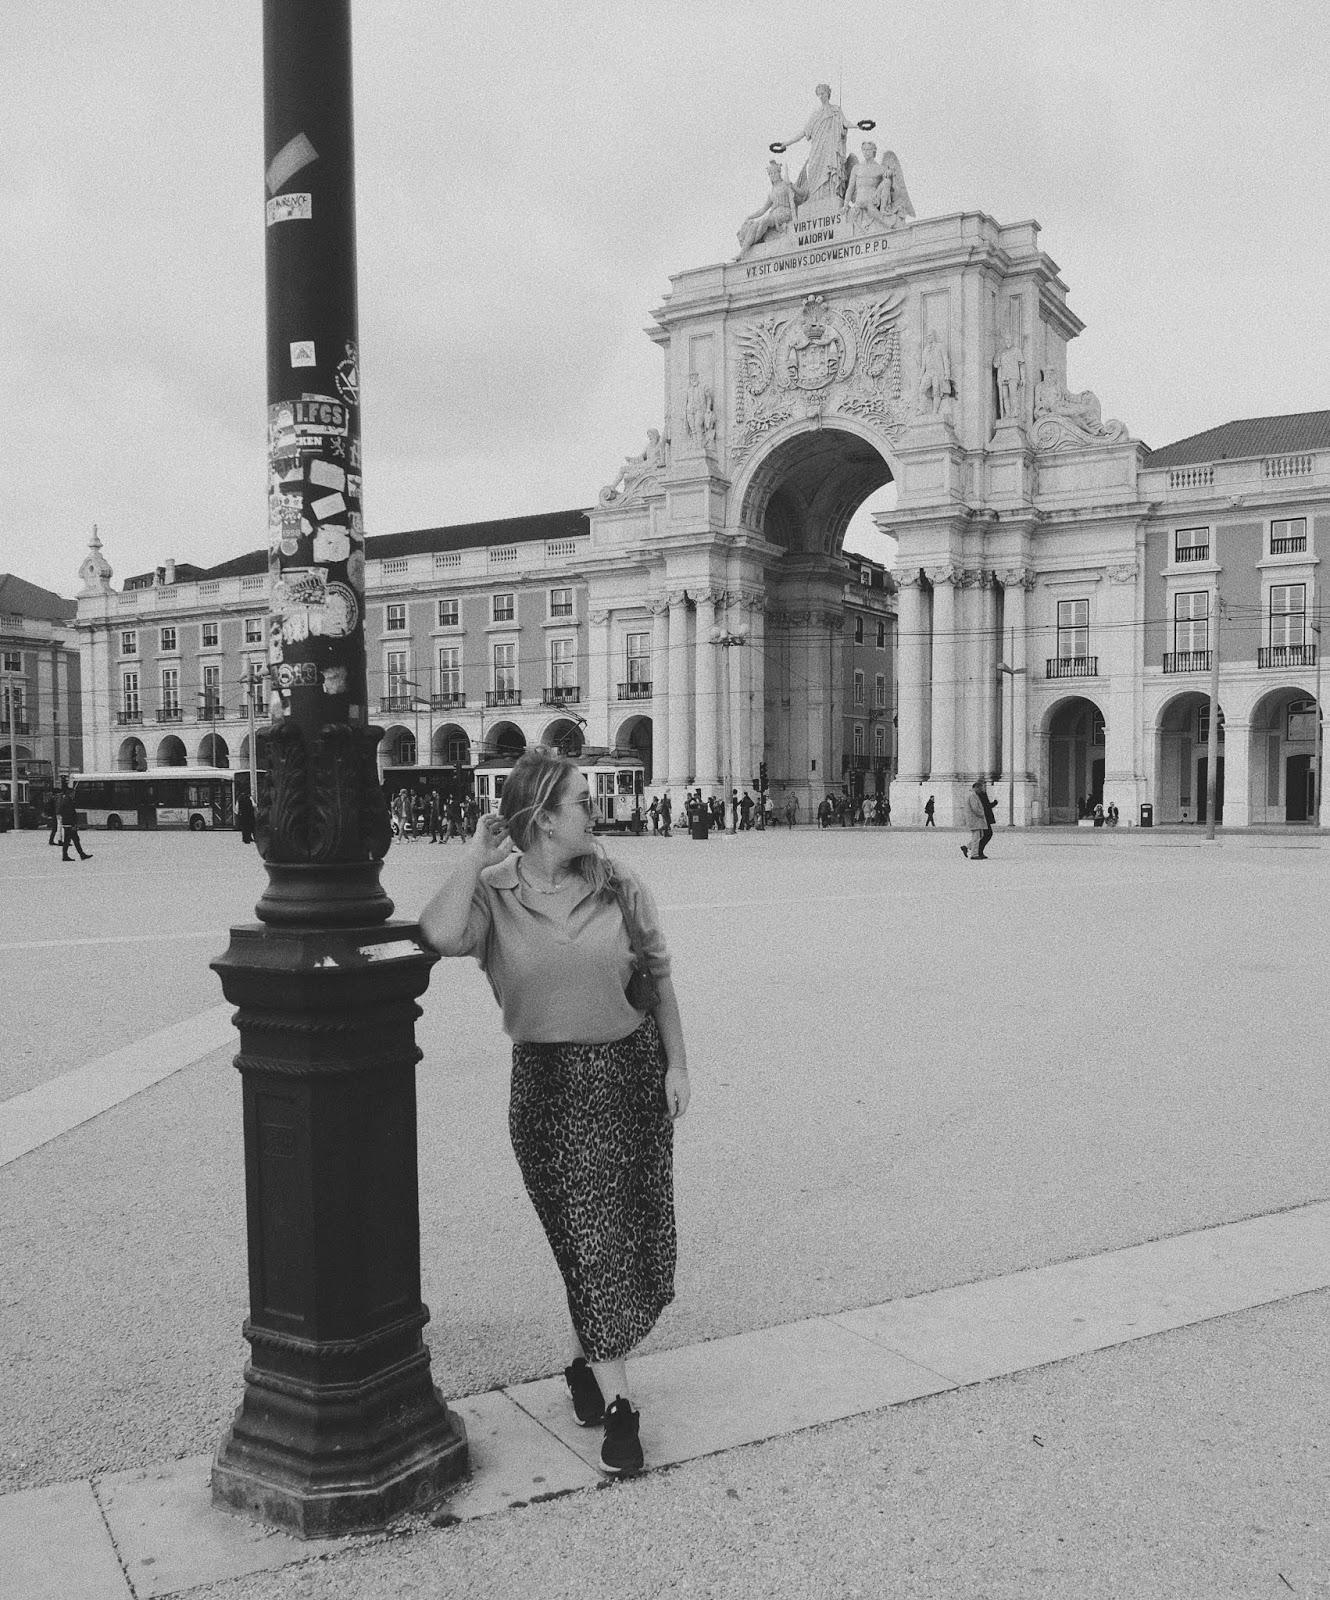 Praça-do-Comércio-lisbon-things-to-do